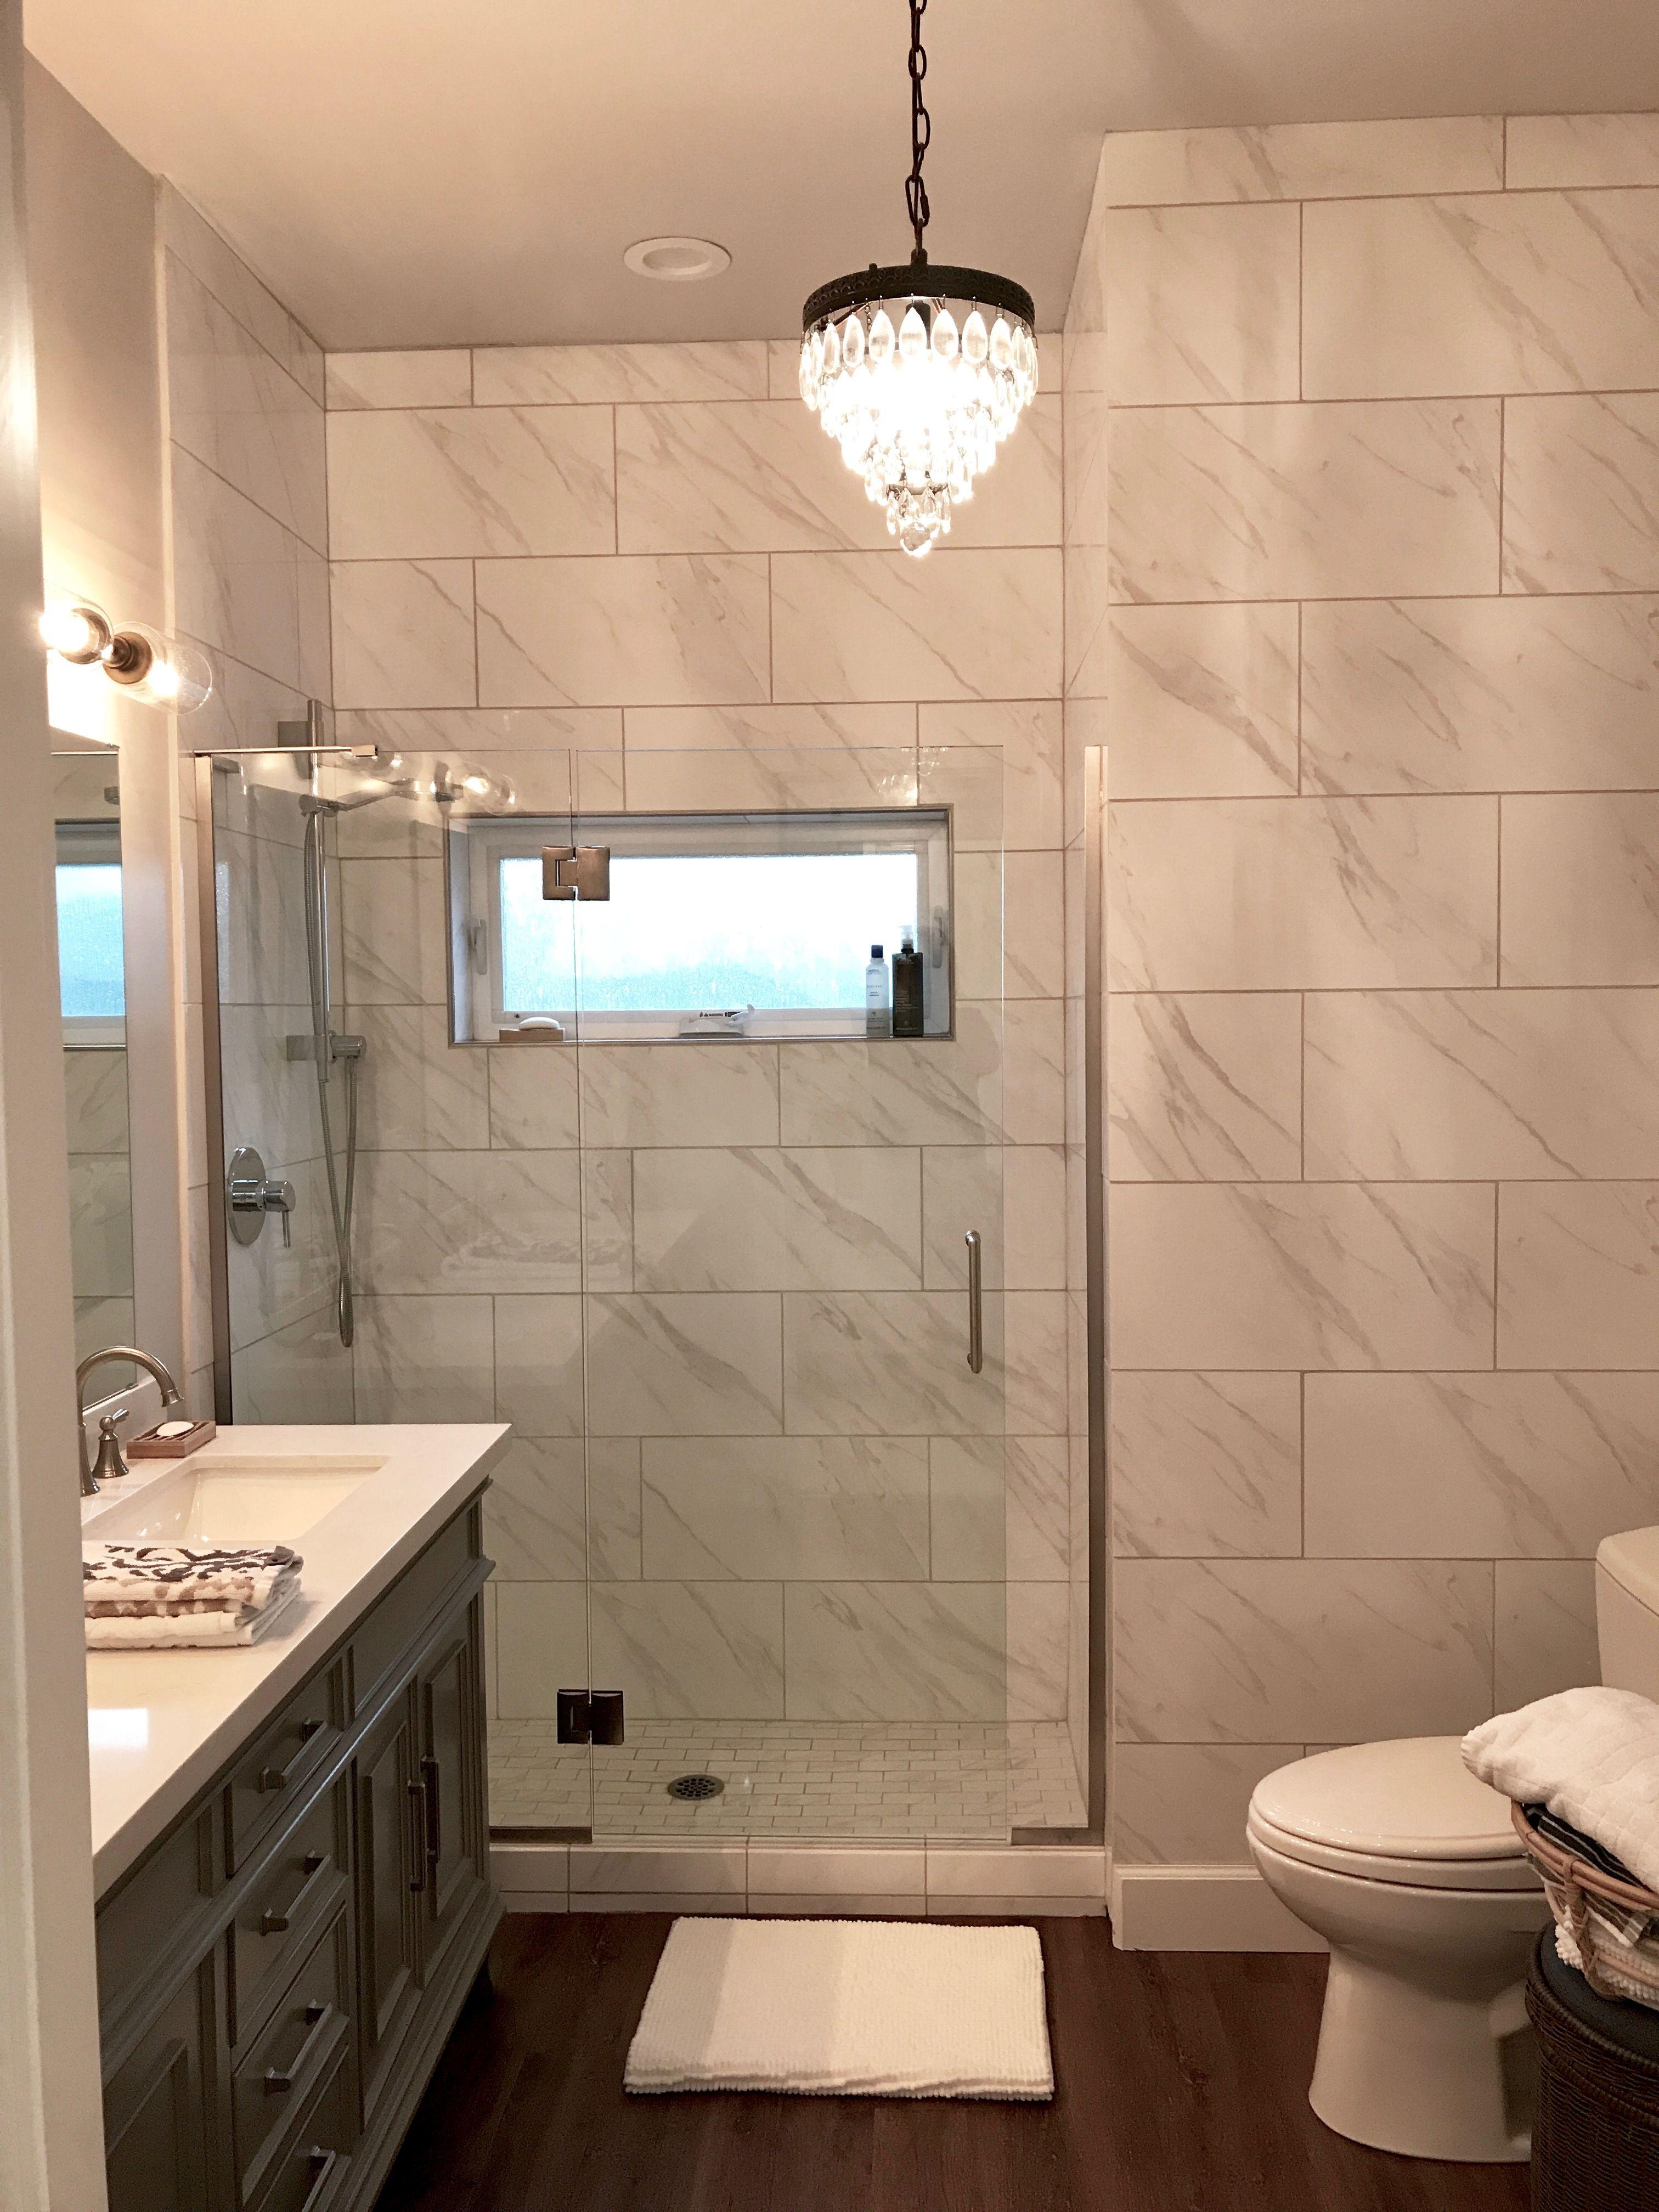 1910 Oregon Home Renovation Master Bath Design Floor To Ceiling Ceramic Marble Tile Pendant Bathroom Tile Designs Glass Shower Enclosures Home Depot Toilets